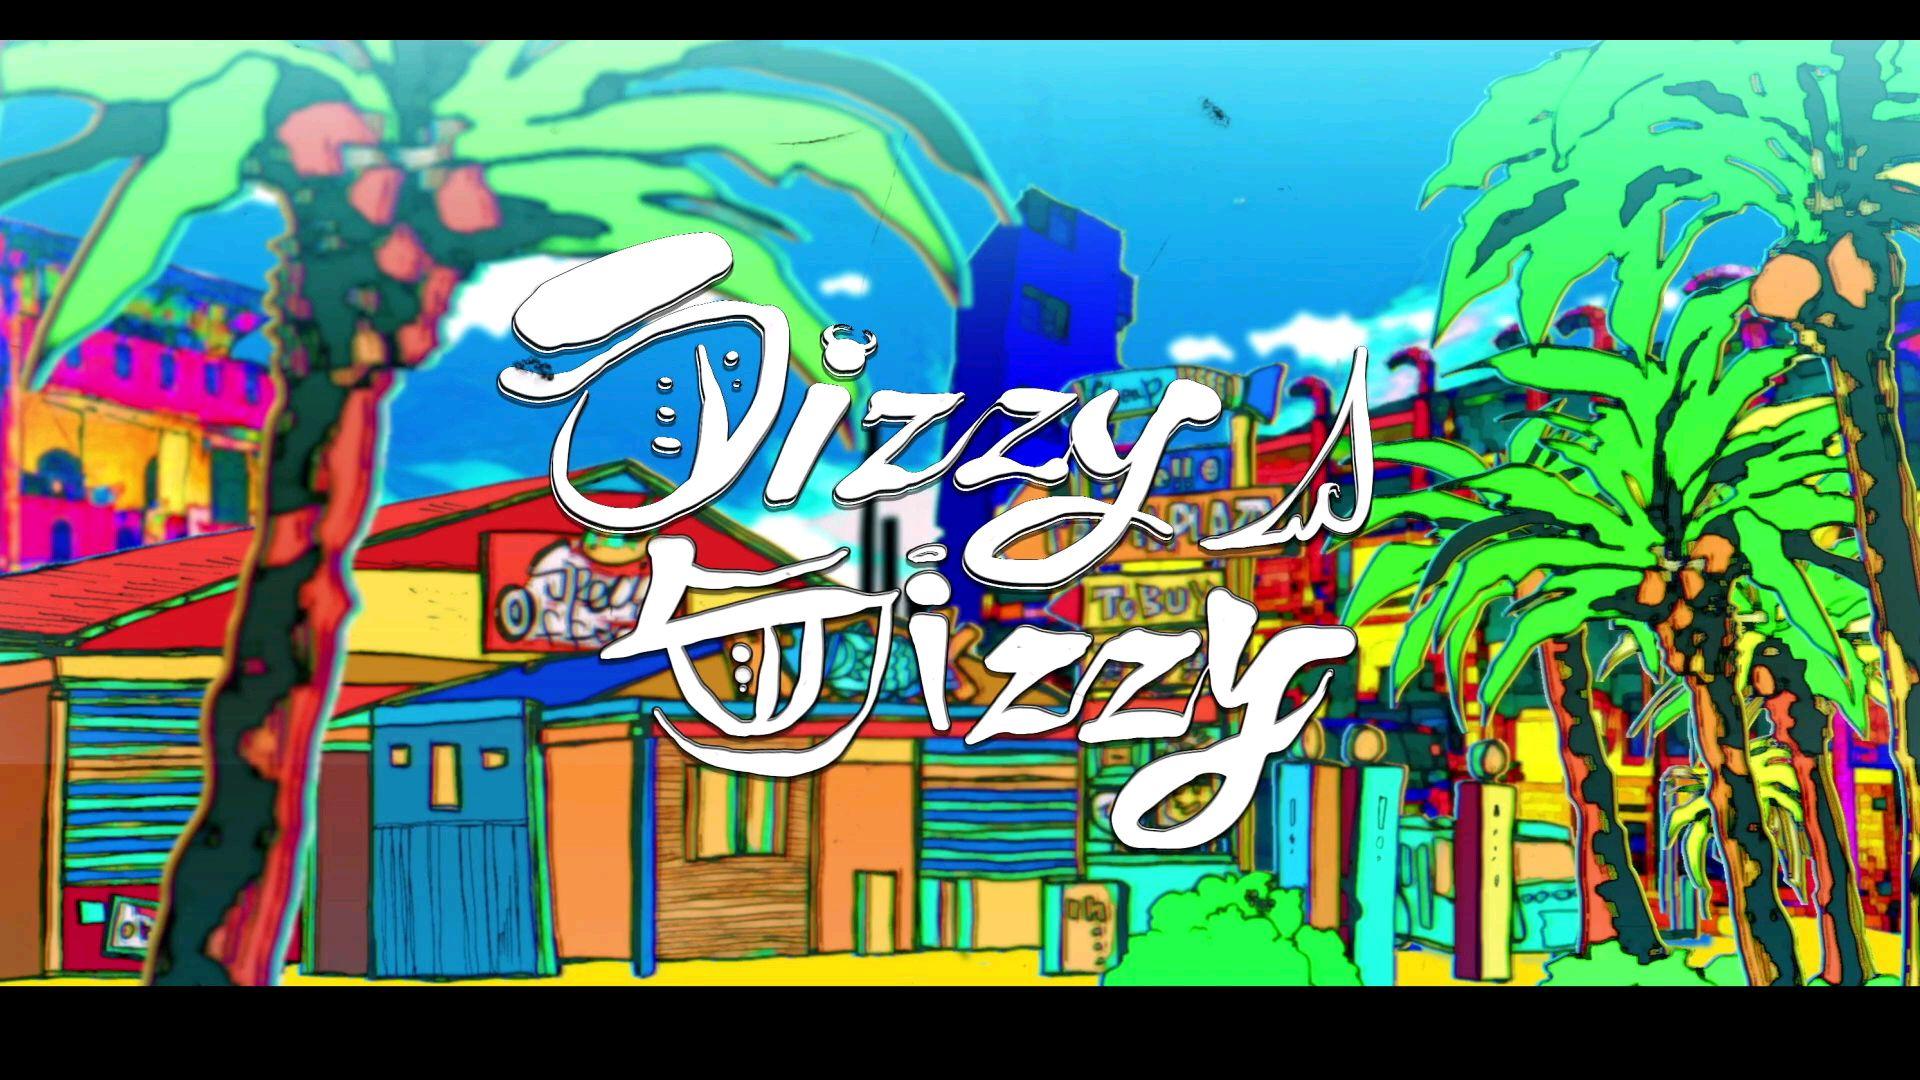 【v flower】dizzy dizzy【蜂屋ななし】